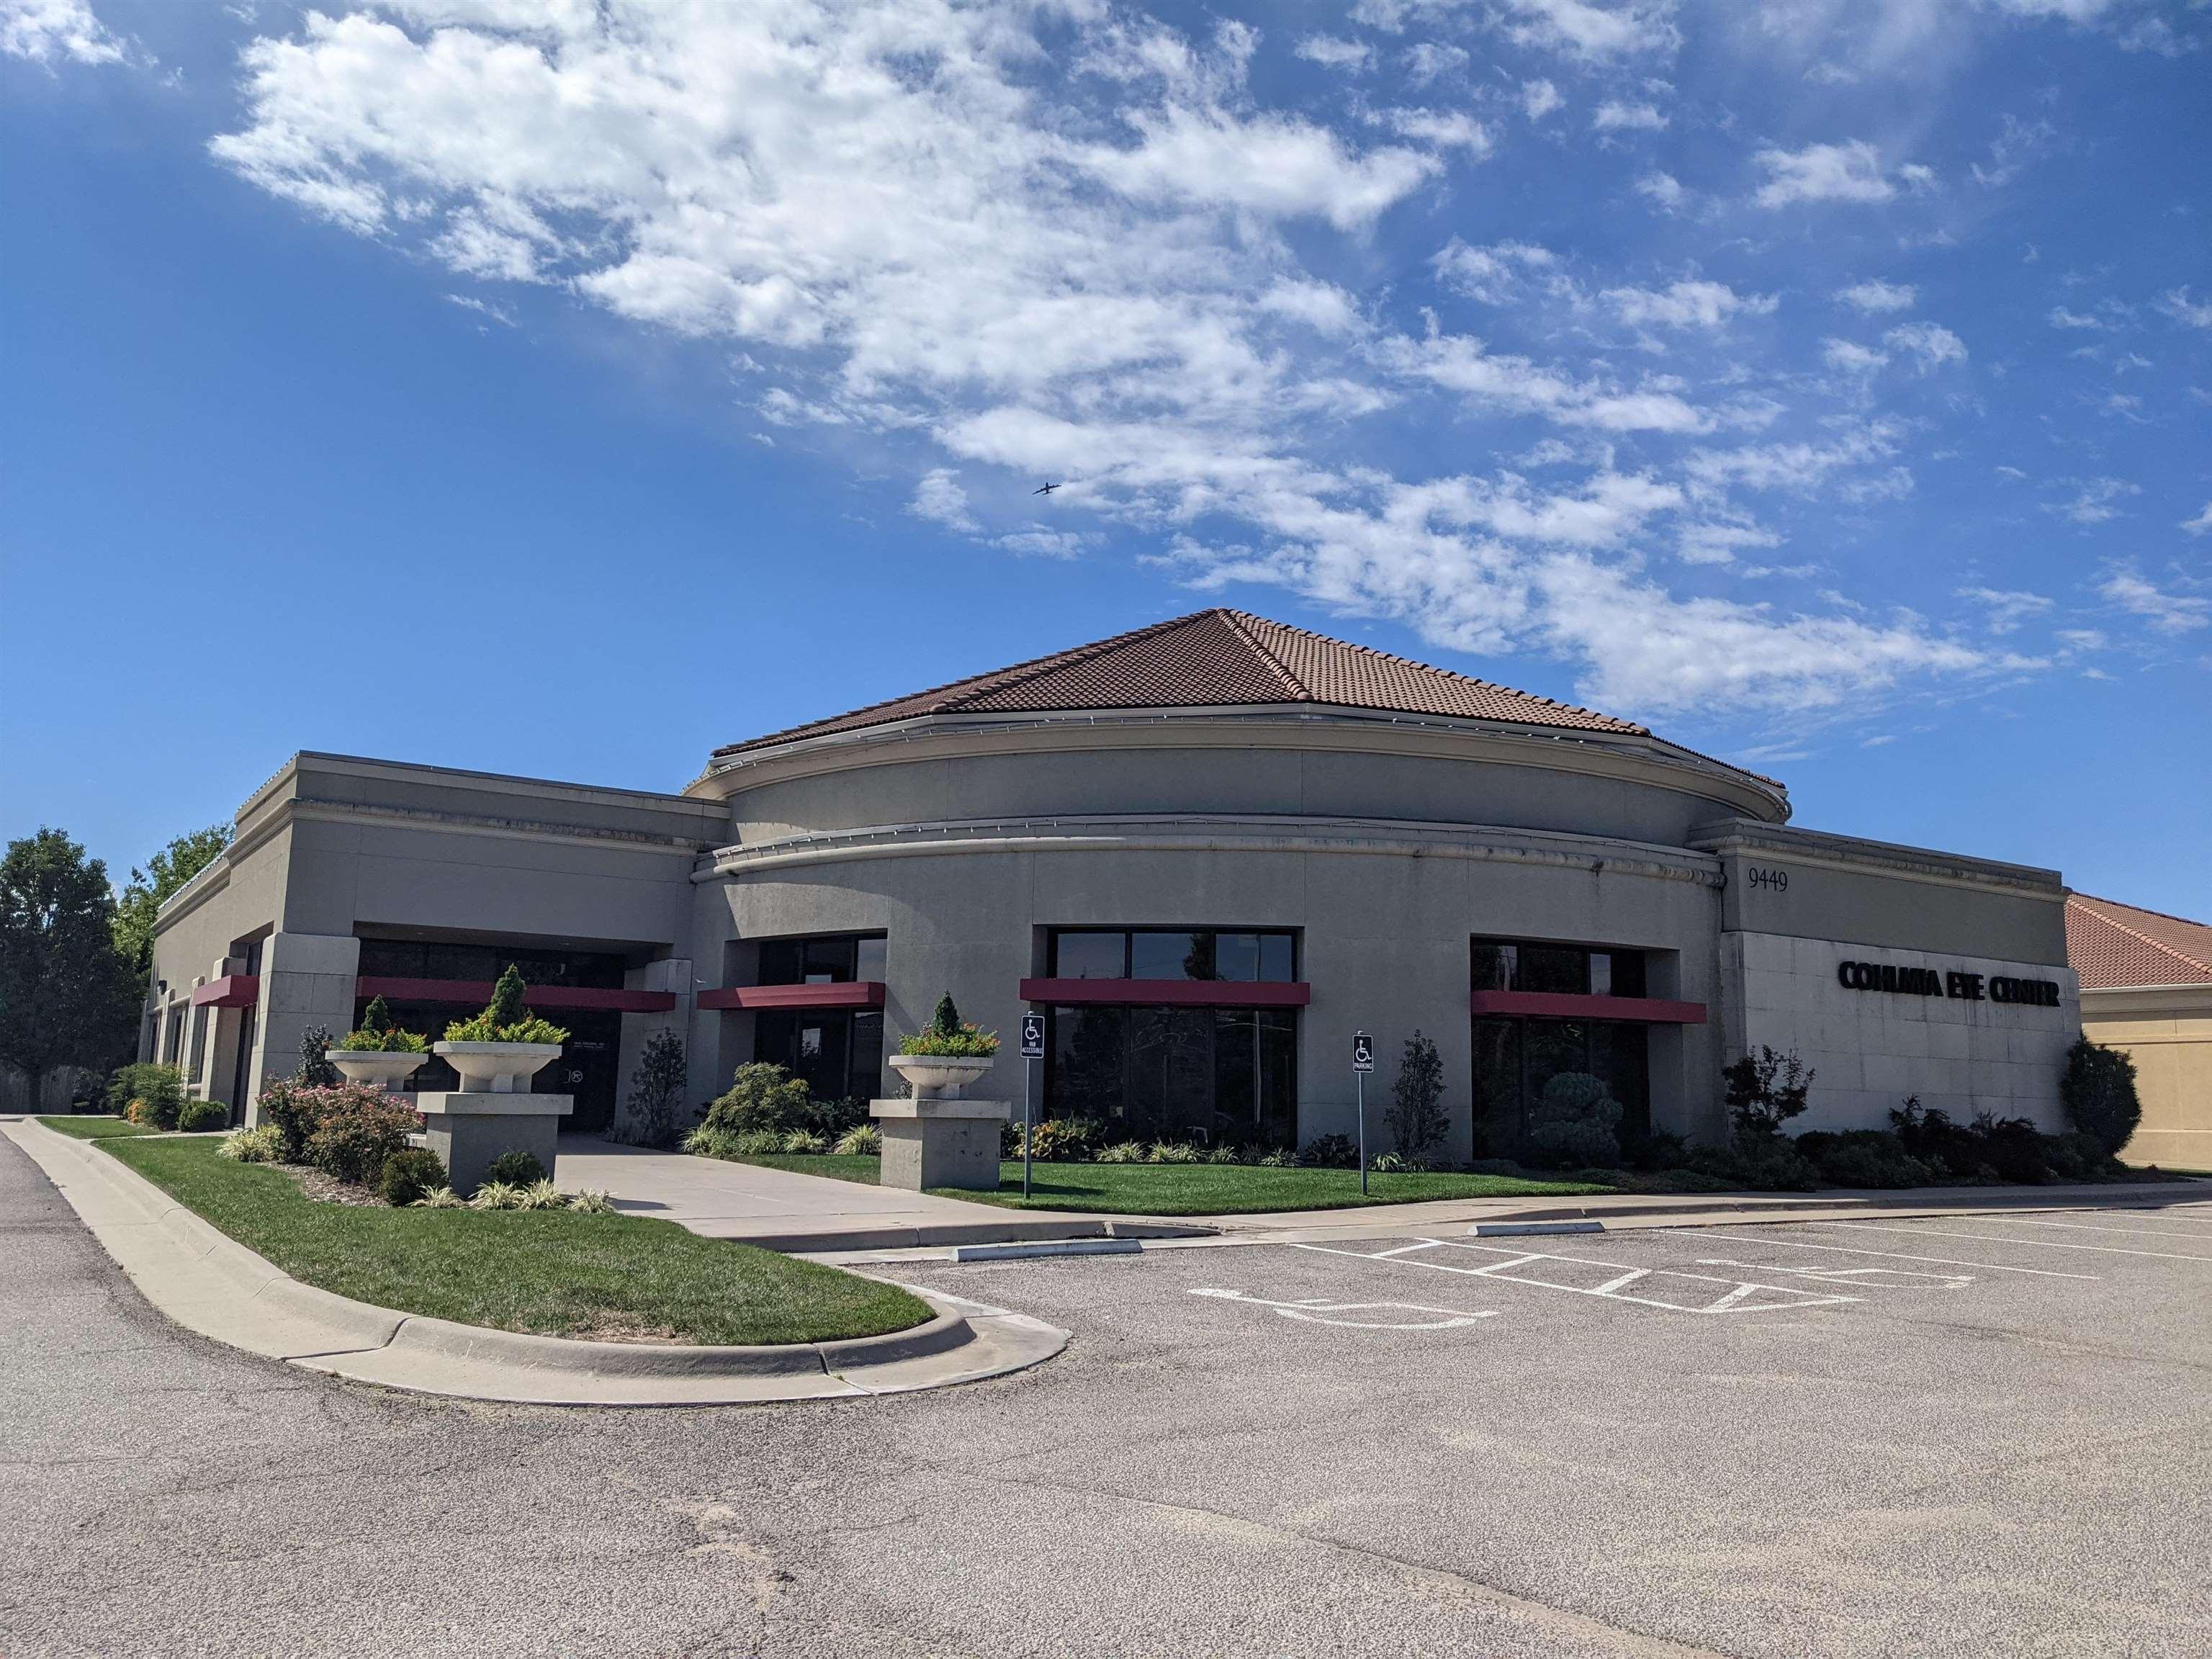 9449 E 21st St N, Wichita, KS, 67206